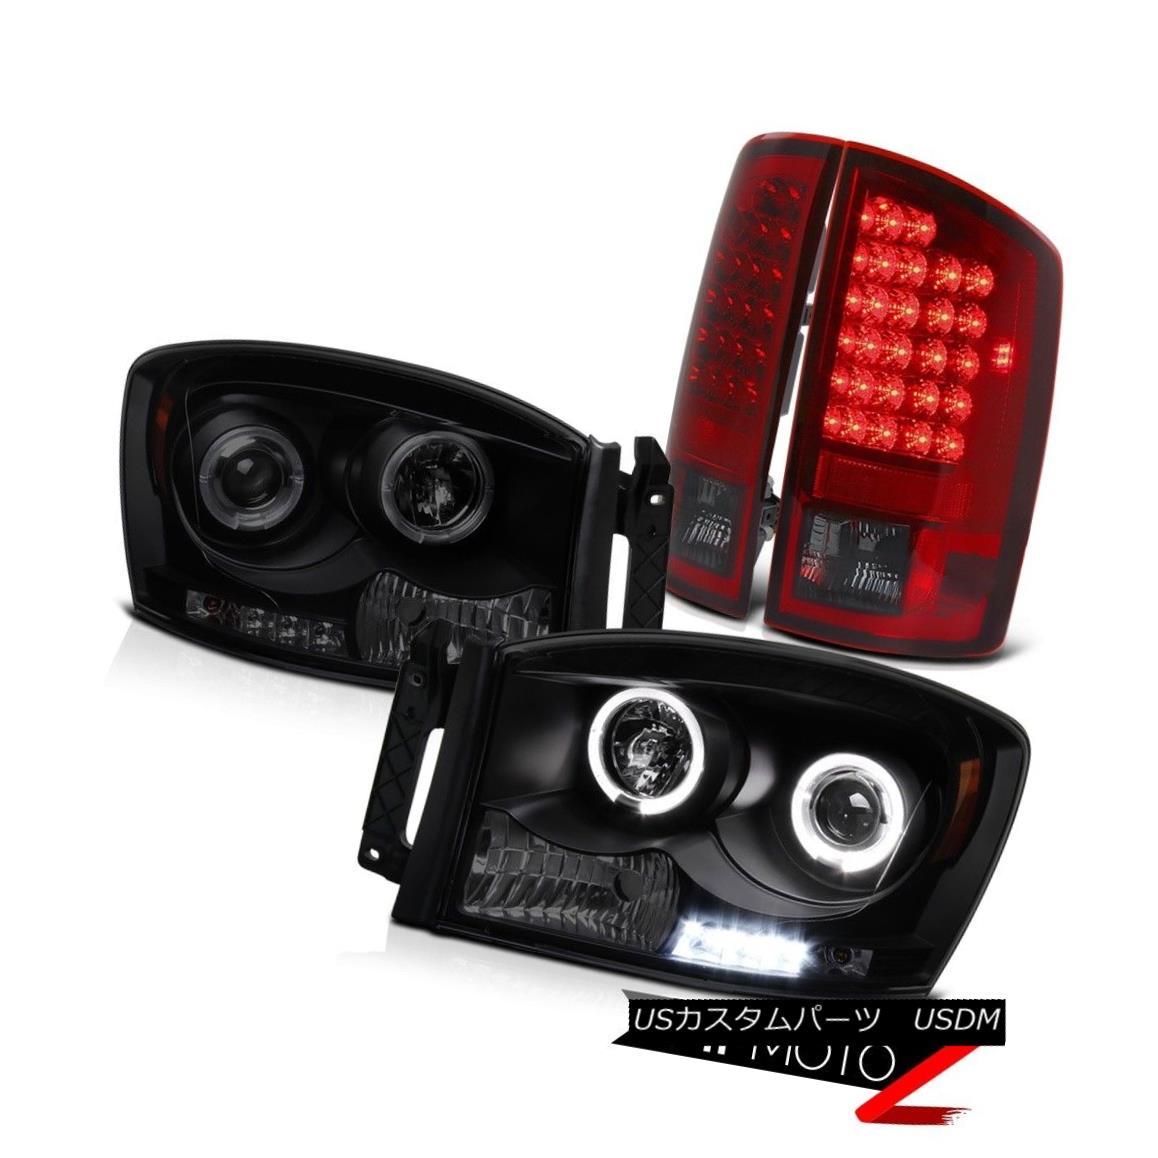 テールライト 2006 Dodge Ram 5.7L Headlights Halo LED Projector Red Smoke Brake Signal Lamps 2006 Dodge Ram 5.7LヘッドライトHalo LEDプロジェクター赤色スモークブレーキシグナルランプ